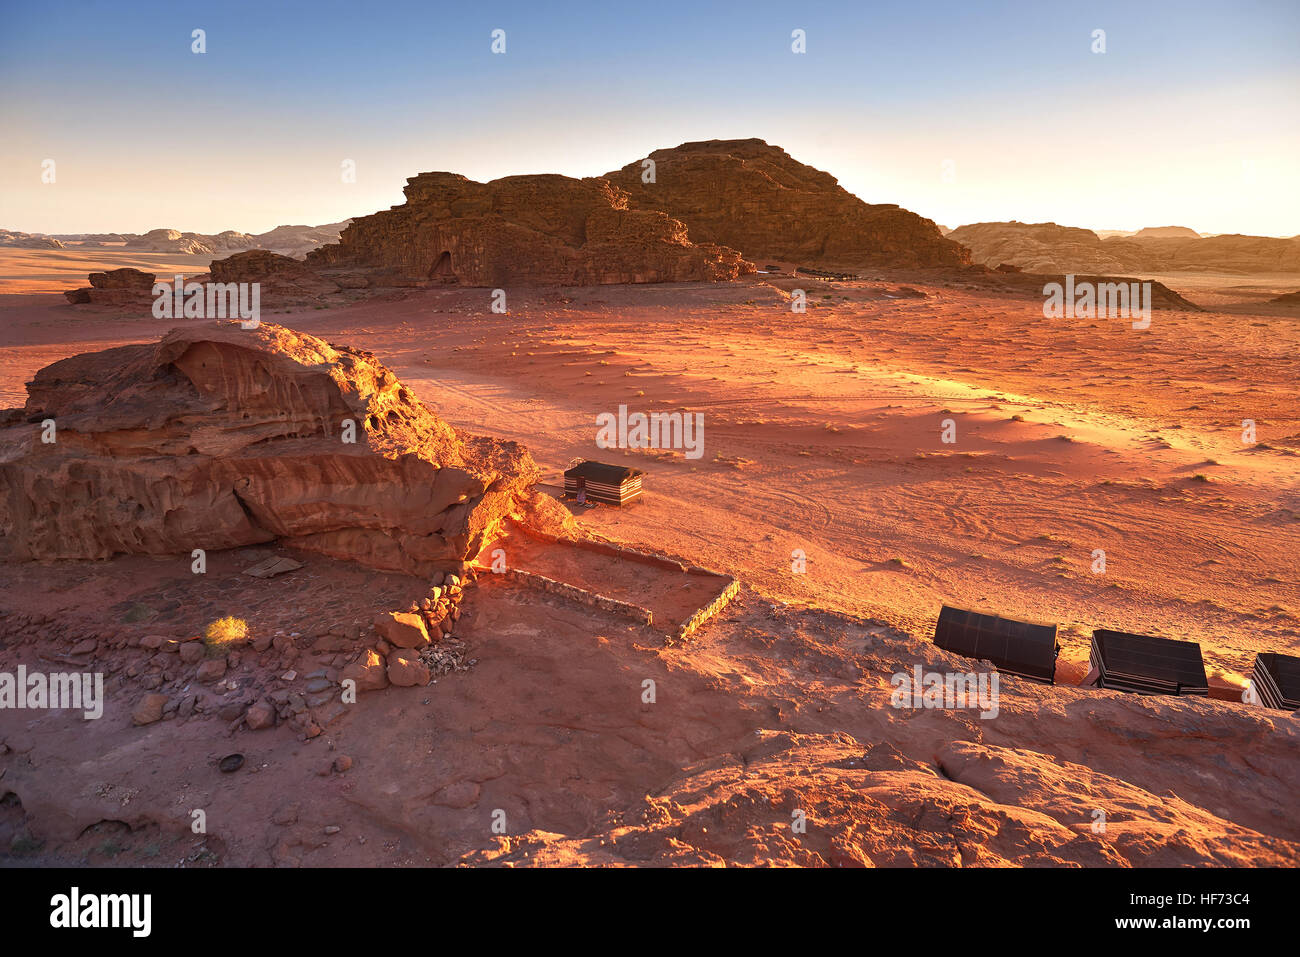 Scenic View Of Wadi Rum Against Clear Sky During Sunrise, Arabian Desert, Jordan - Stock Image